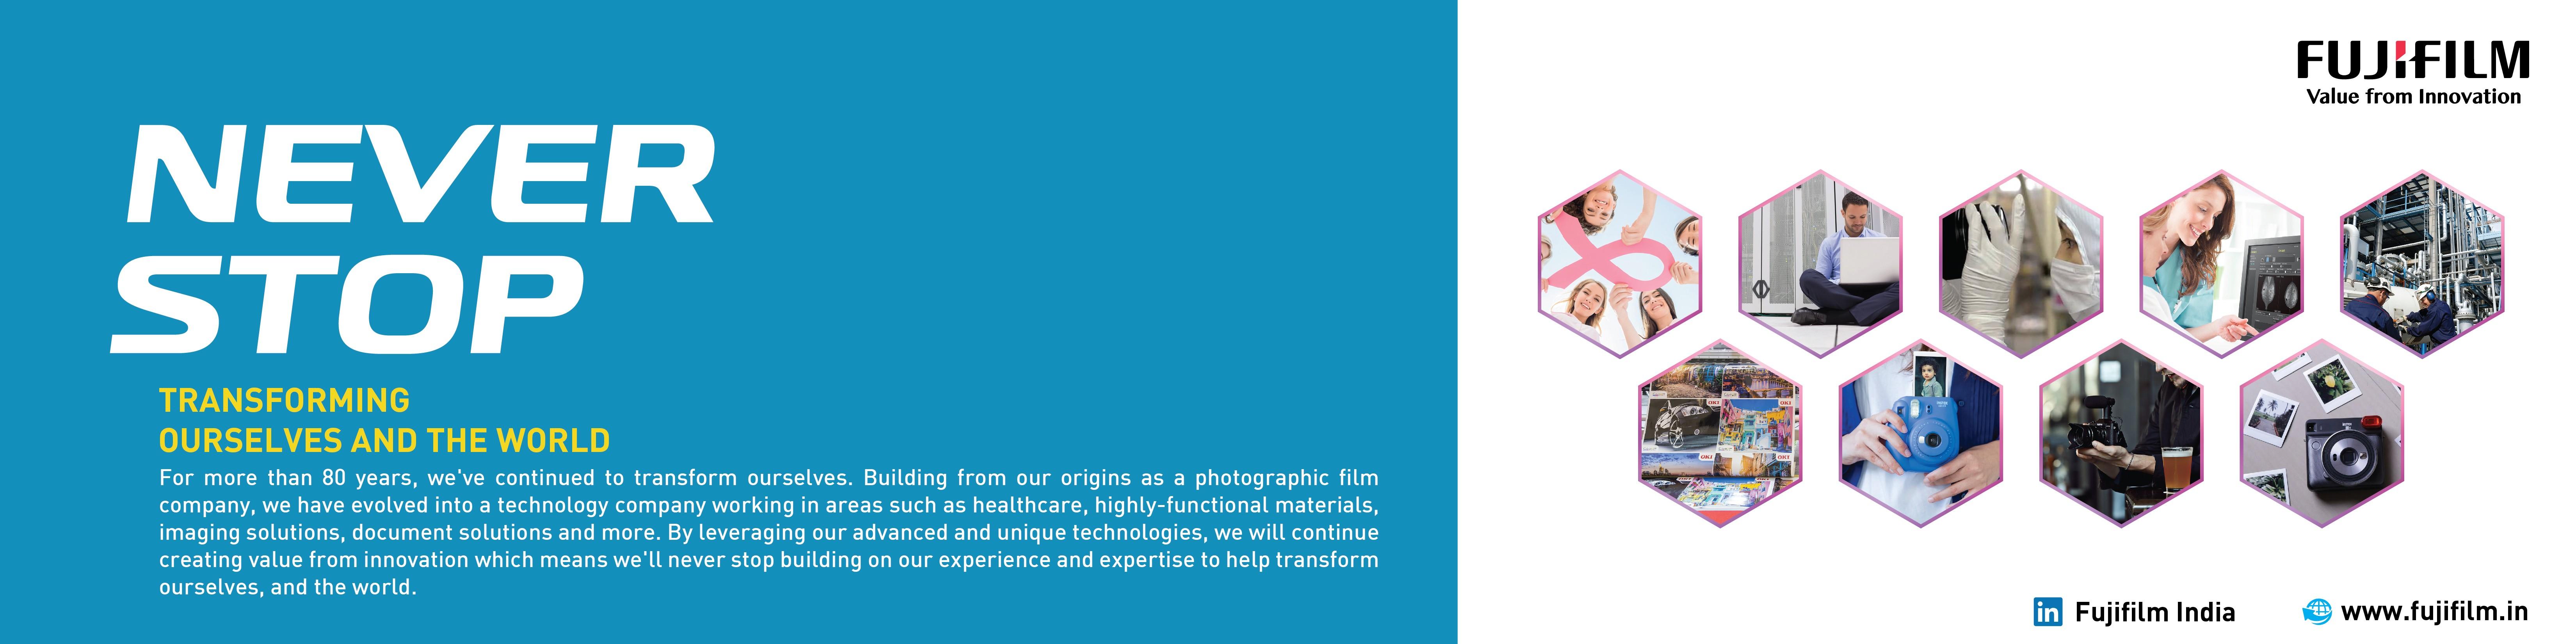 Fujifilm India Pvt  Ltd  | LinkedIn